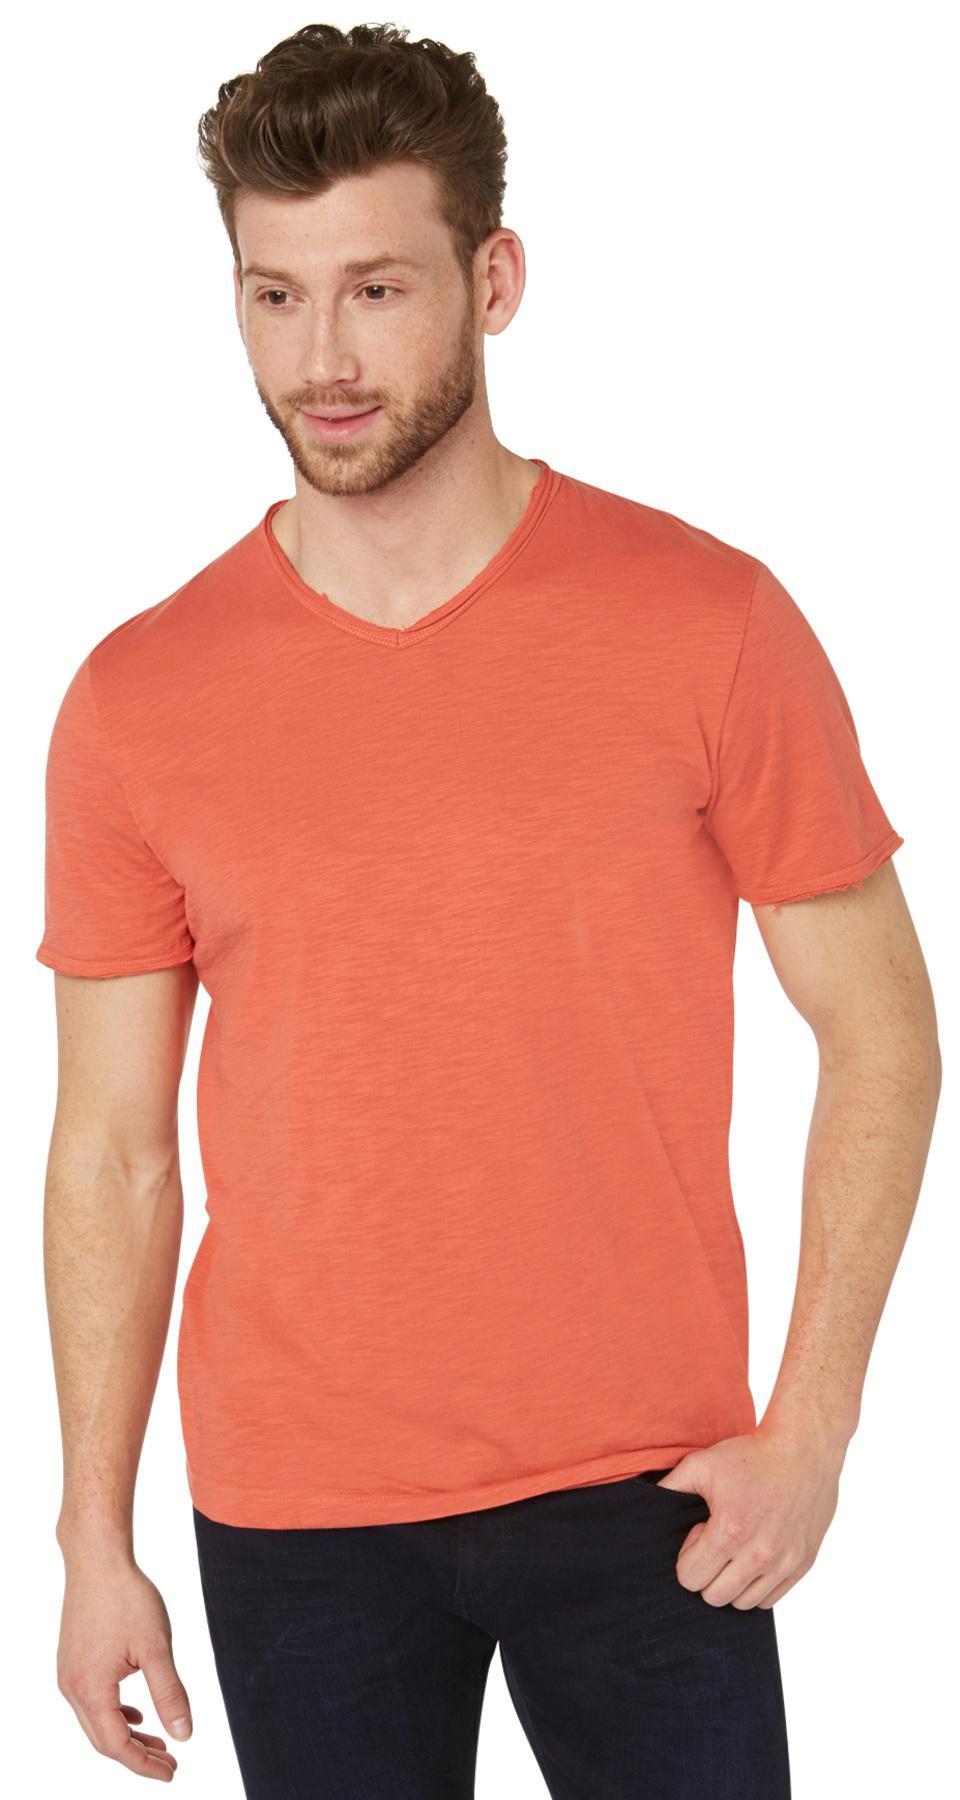 25% de réduction supplémentaire sur les articles soldés - Ex : tee-shirt Homme Vintage V-Neck